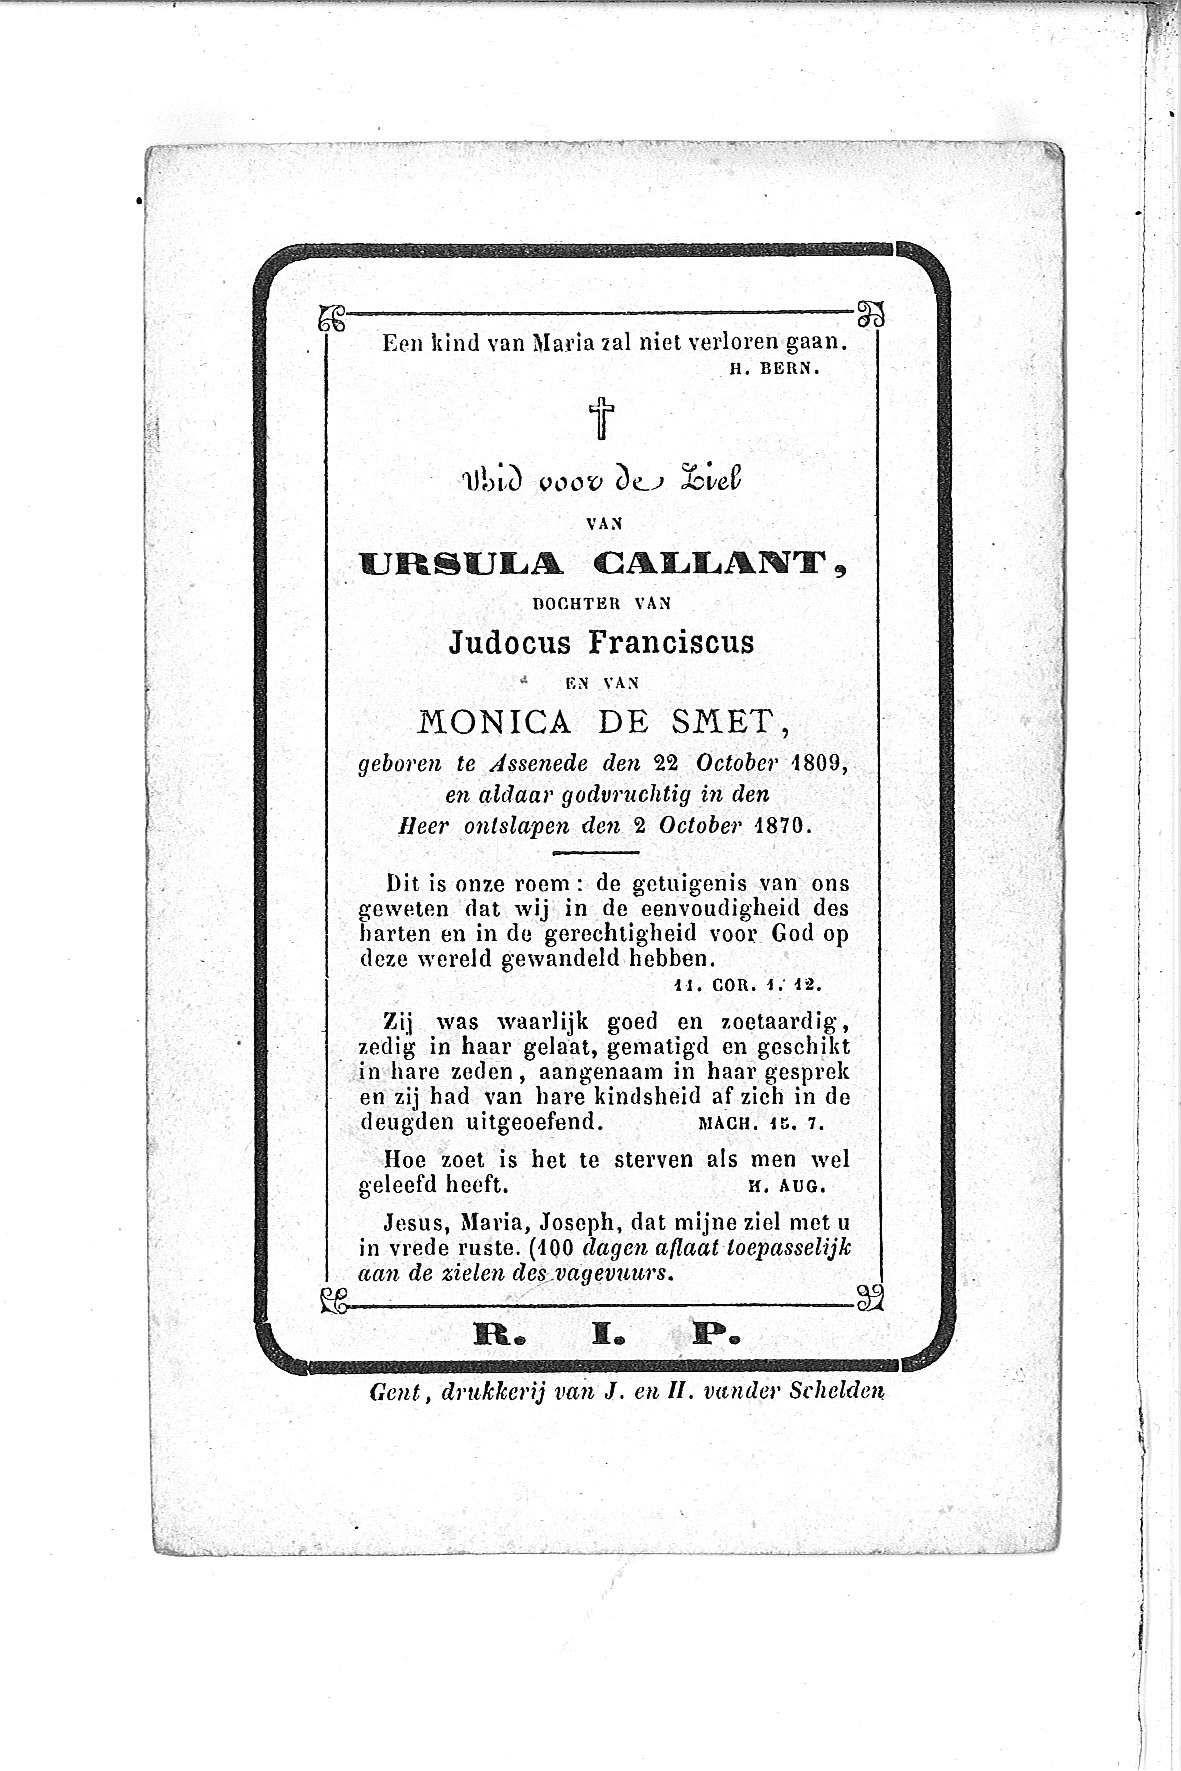 ursula(1870)20101104083918_00064.jpg